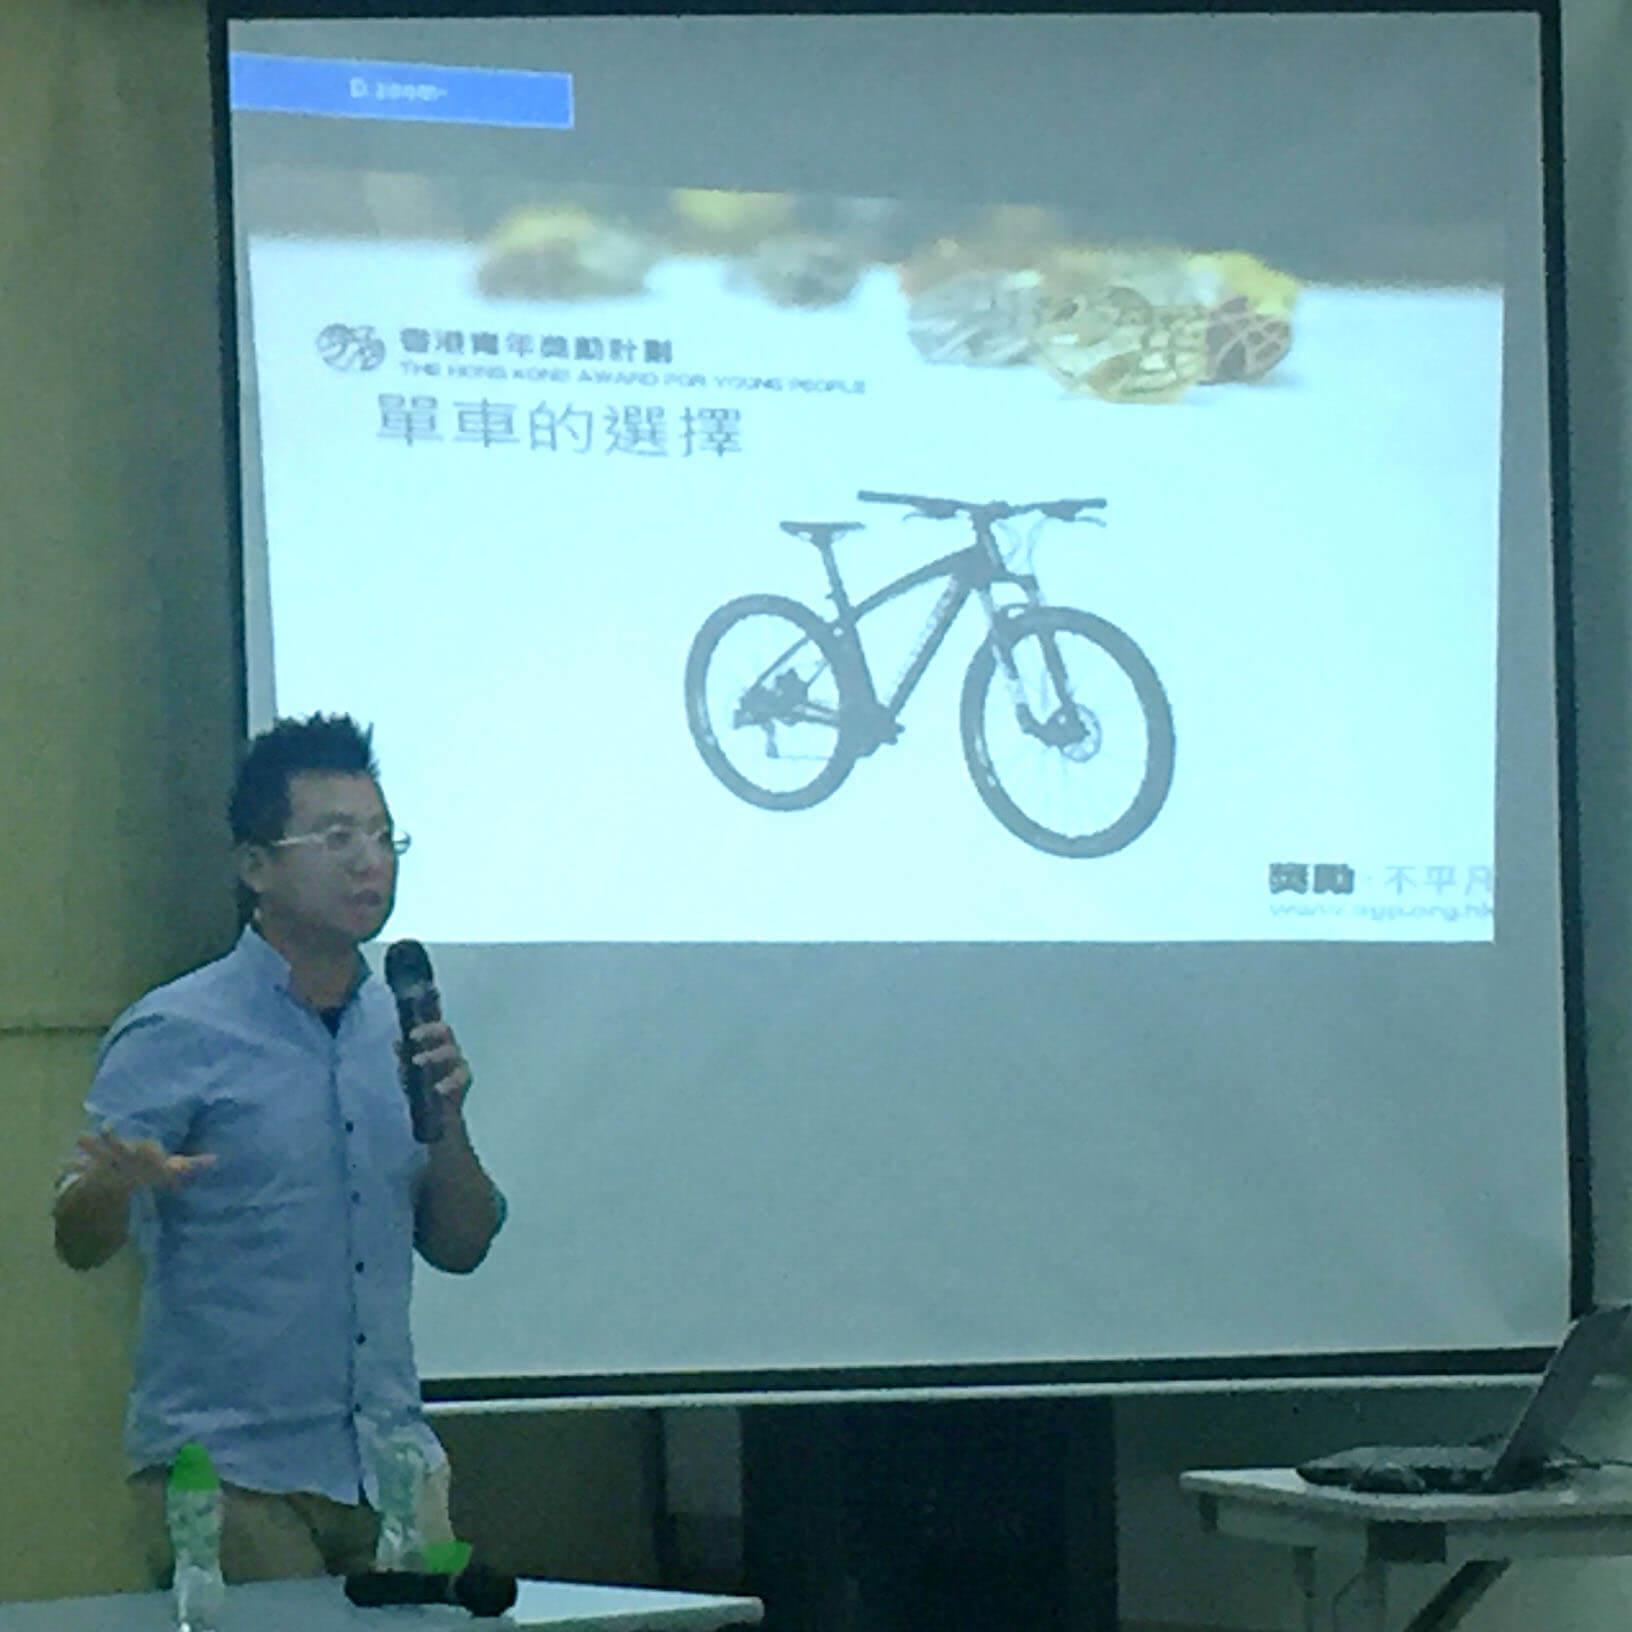 康樂體育科週年研討會 –單車運動發展 (06/12/2017)